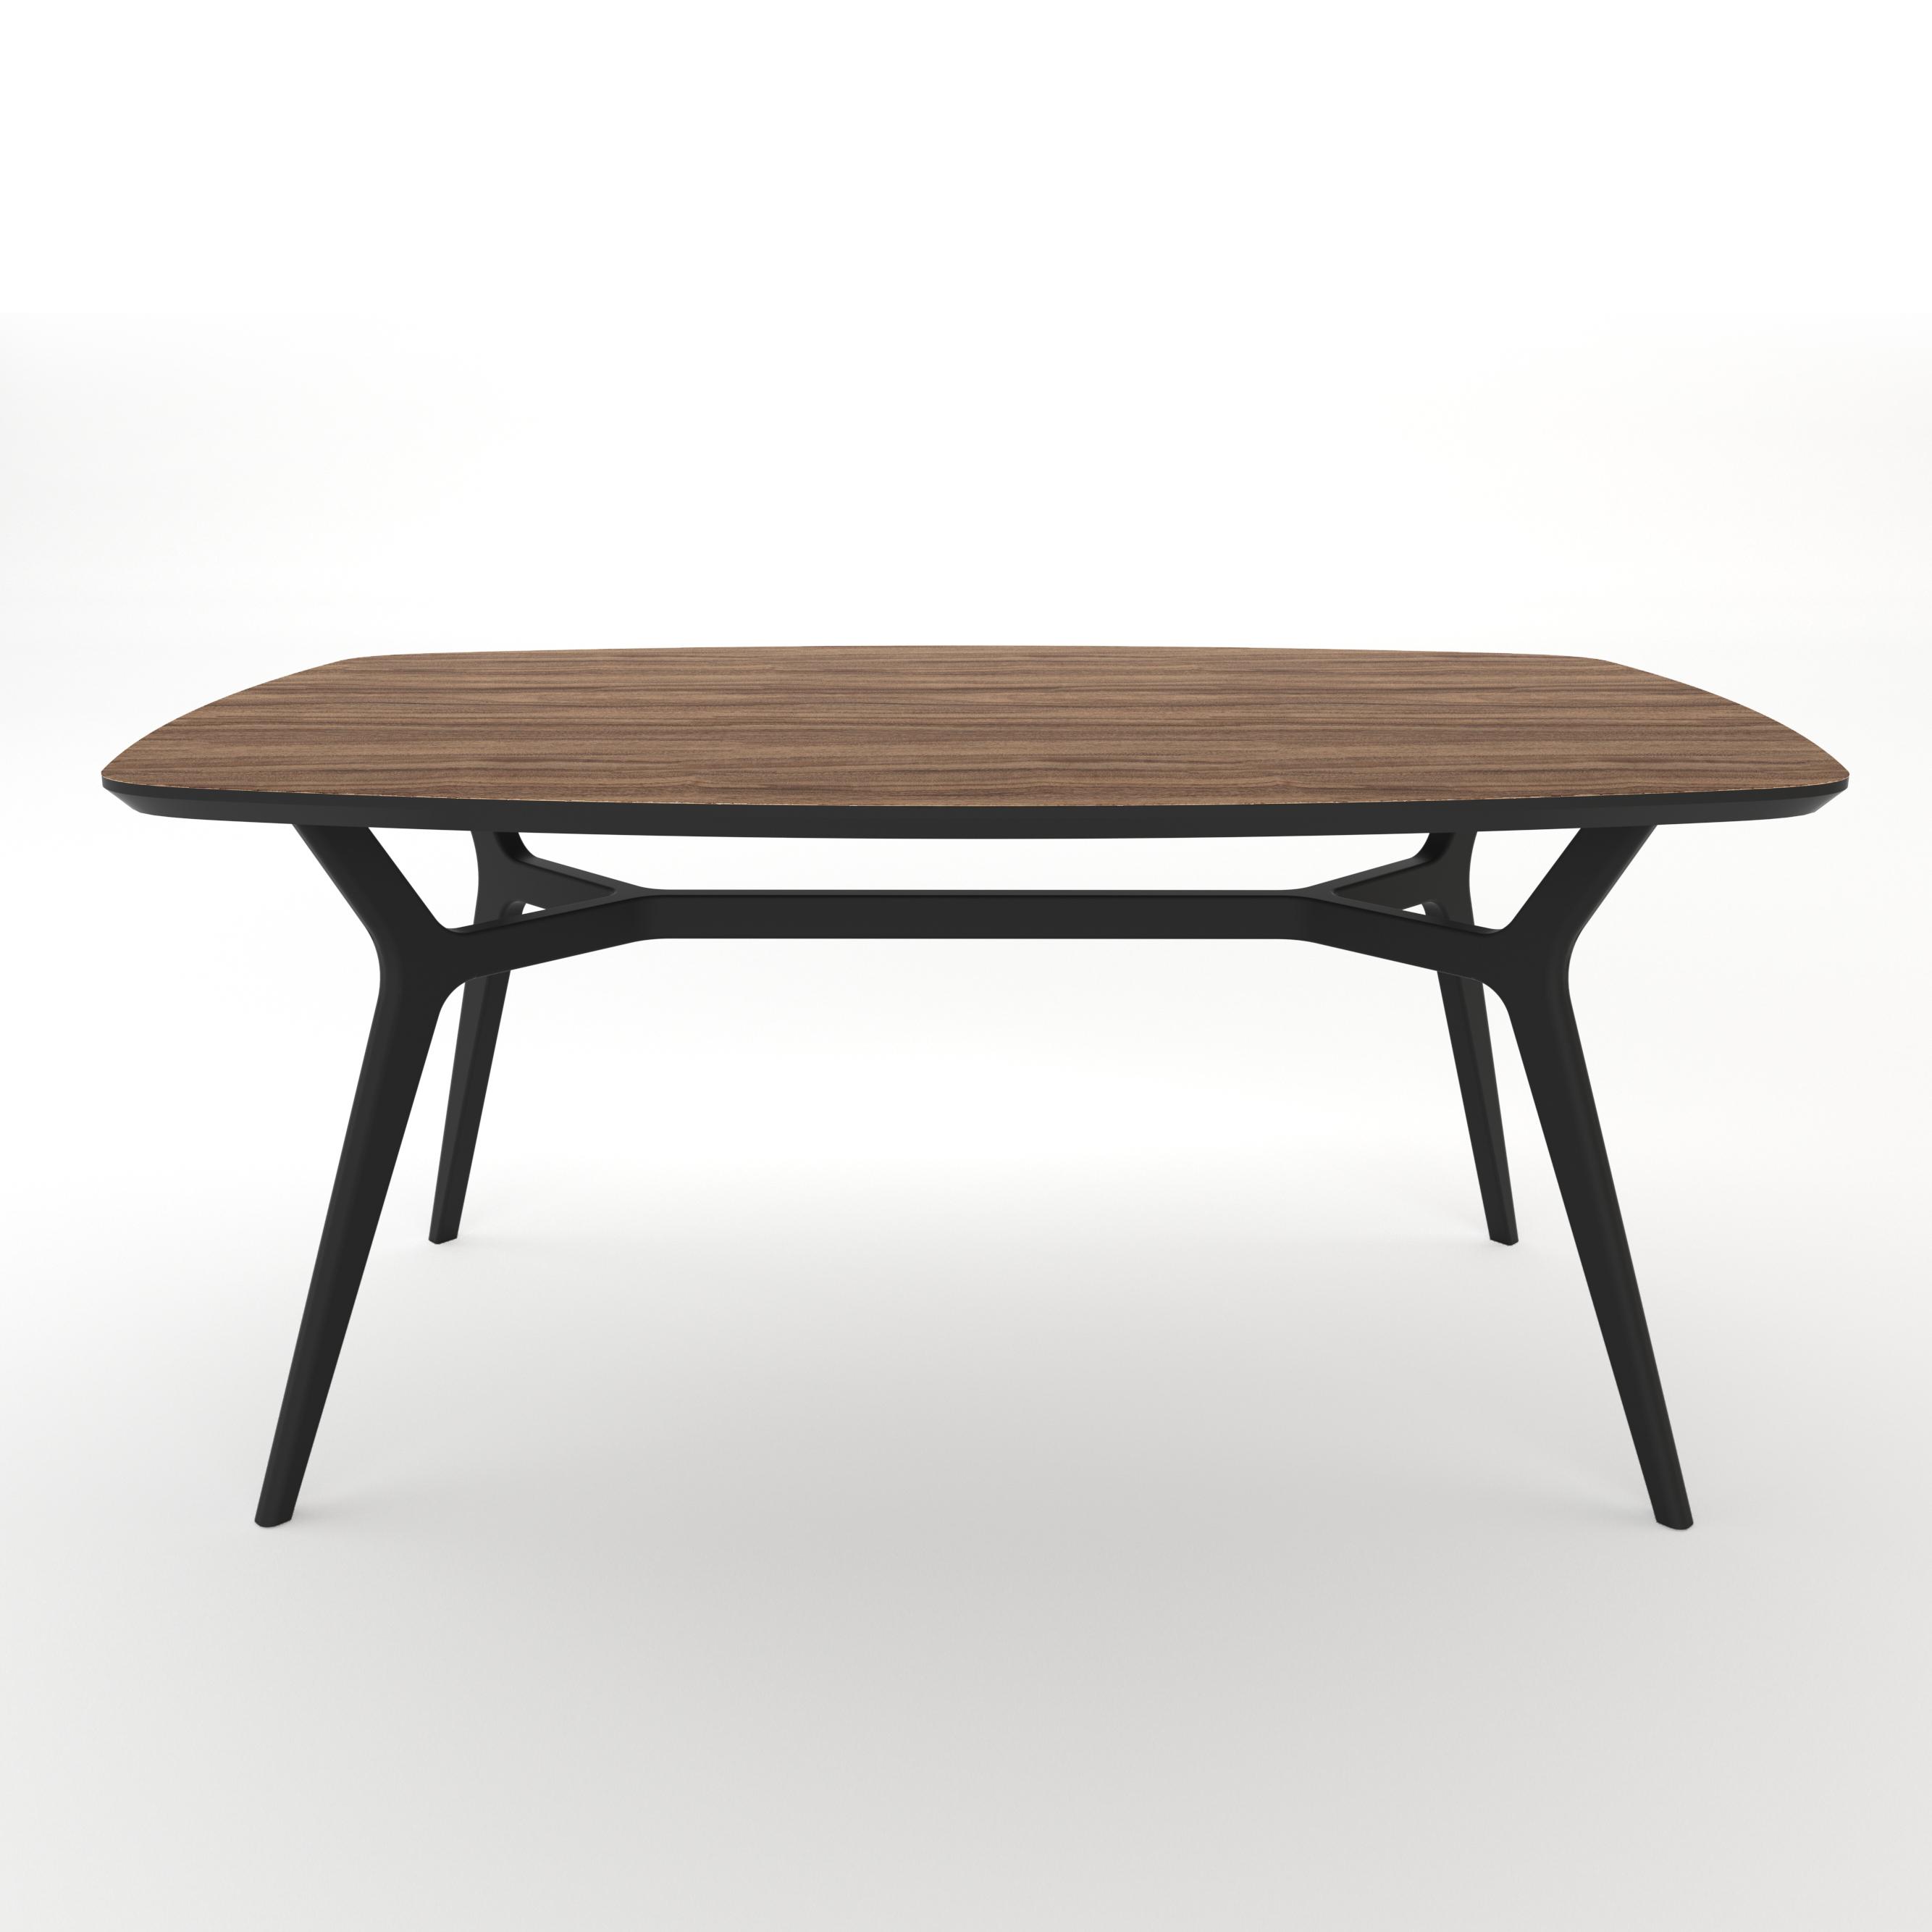 Стол JohannОбеденные столы<br>Тщательная проработка деталей и пропорций стола позволяет ему идеально вписаться в любой интерьер.&amp;amp;nbsp;&amp;lt;div&amp;gt;&amp;lt;br&amp;gt;&amp;lt;/div&amp;gt;&amp;lt;div&amp;gt;Отделка столешницы шпоном ореха, подстолье выкрашено в  цвет графит. Сборка не требуется. &amp;lt;/div&amp;gt;<br><br>Material: МДФ<br>Width см: 160<br>Depth см: 100<br>Height см: 75